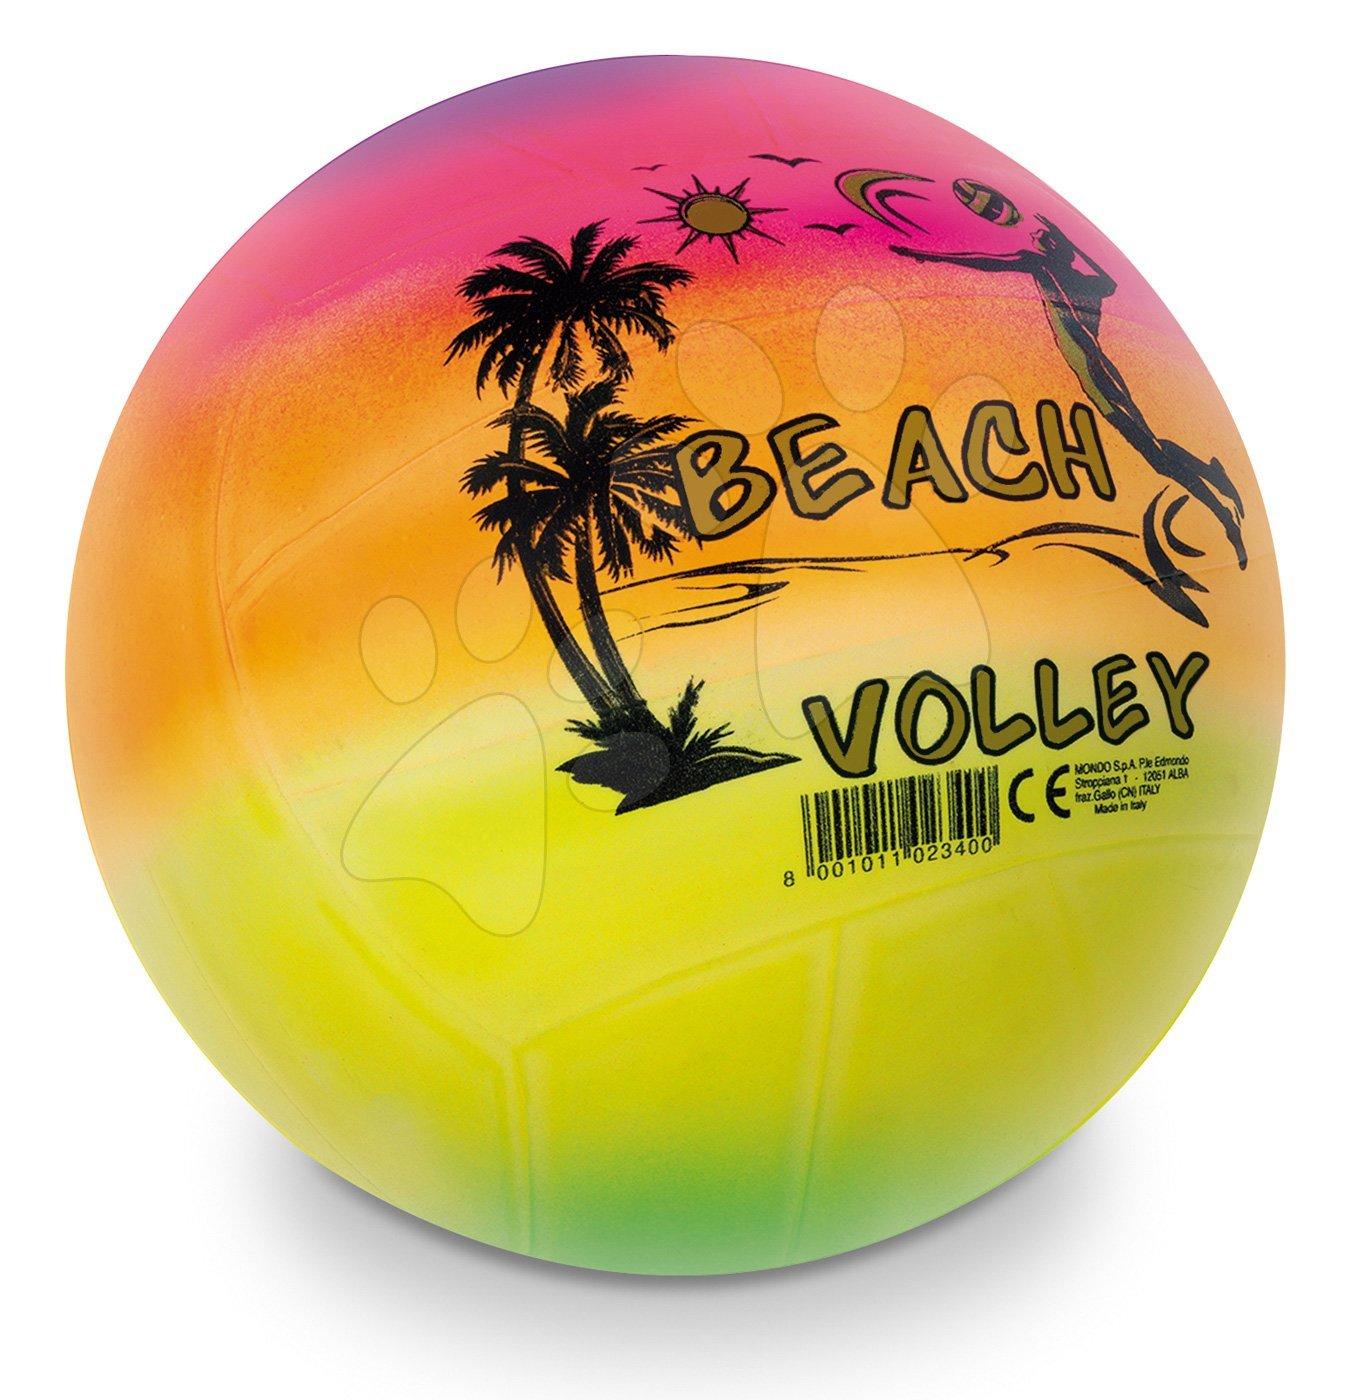 Sportovní míče - Volejbalový míč Volley Rainbow Mondo 216 mm